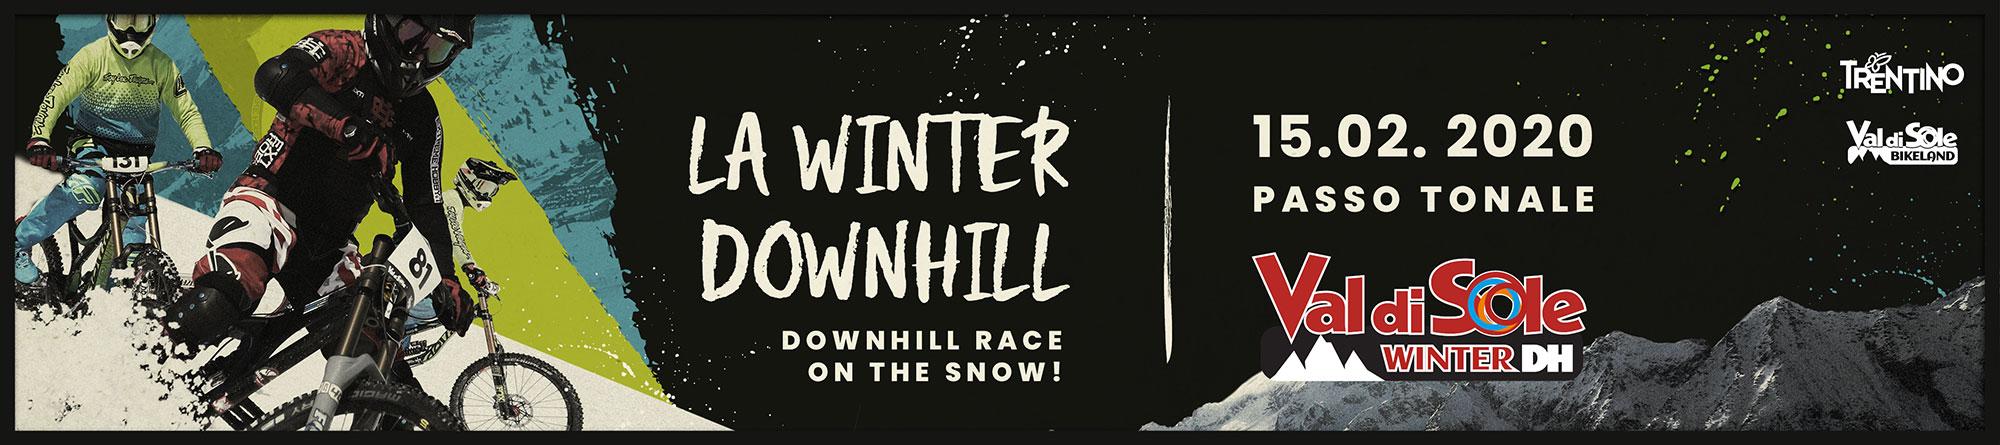 Comunicato stampa LA Winter DH